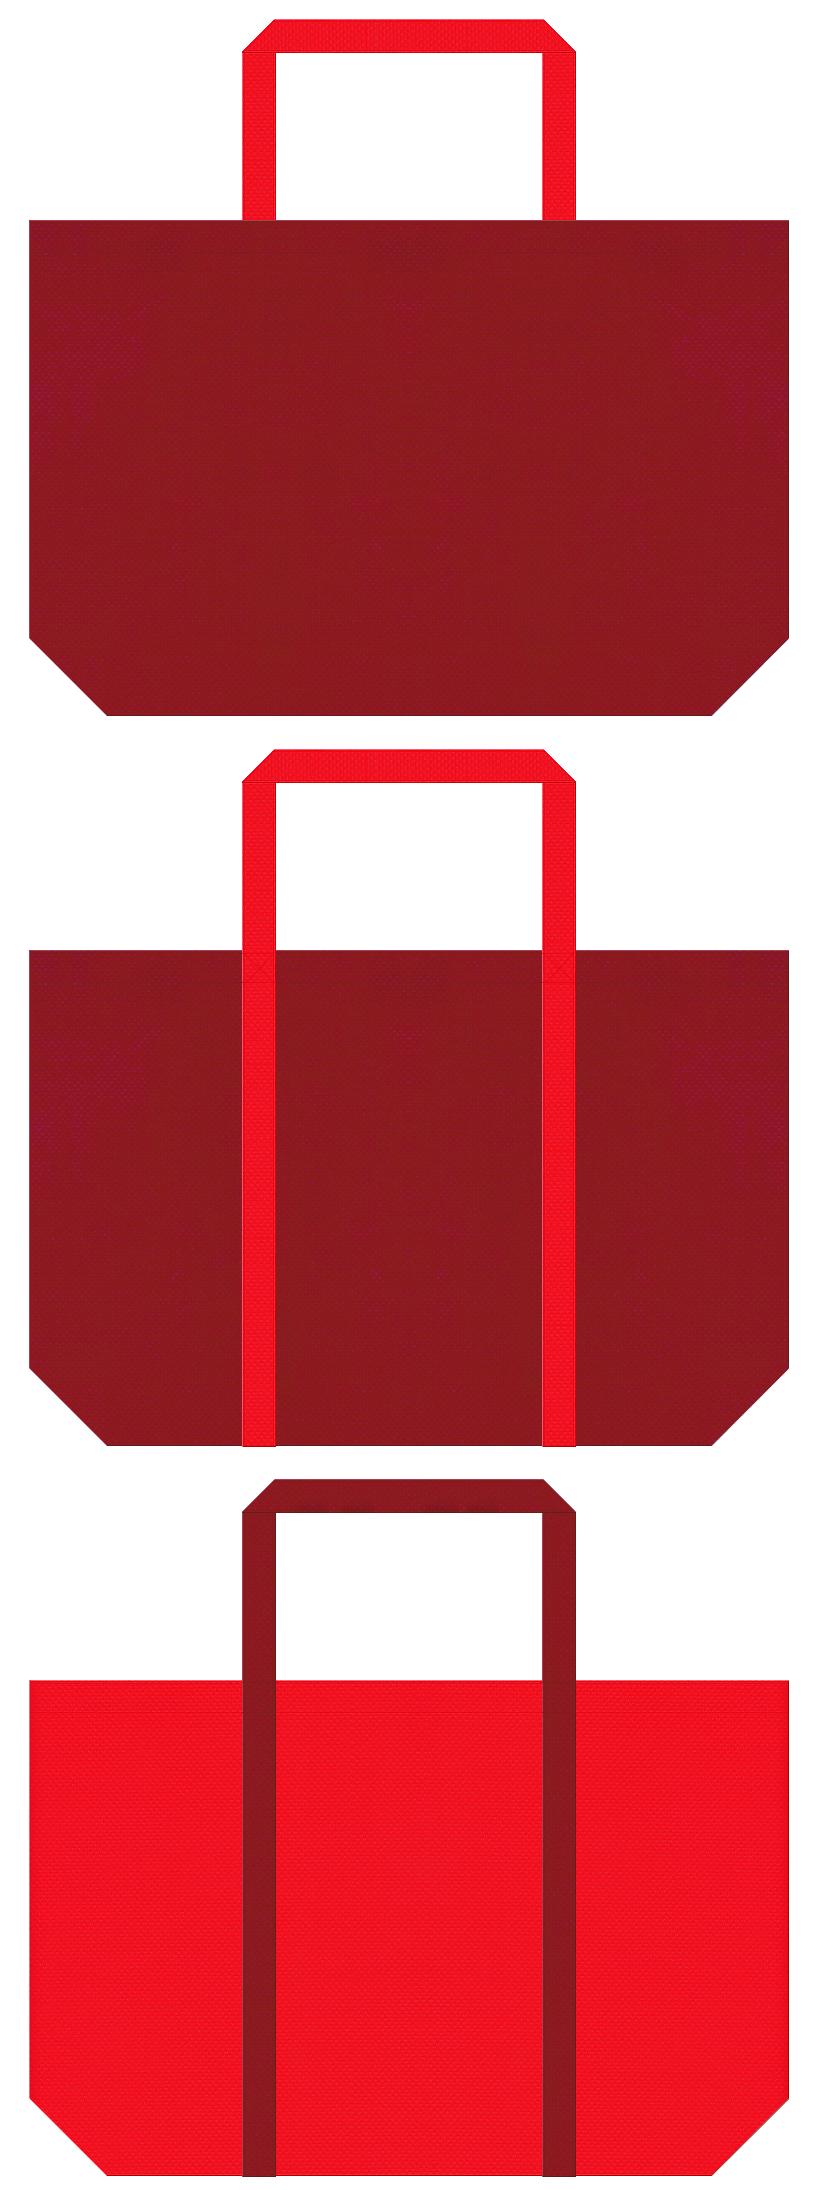 エンジ色と赤色の不織布ショッピングバッグのデザイン。クリスマス商品・和雑貨の福袋にお奨めの配色です。